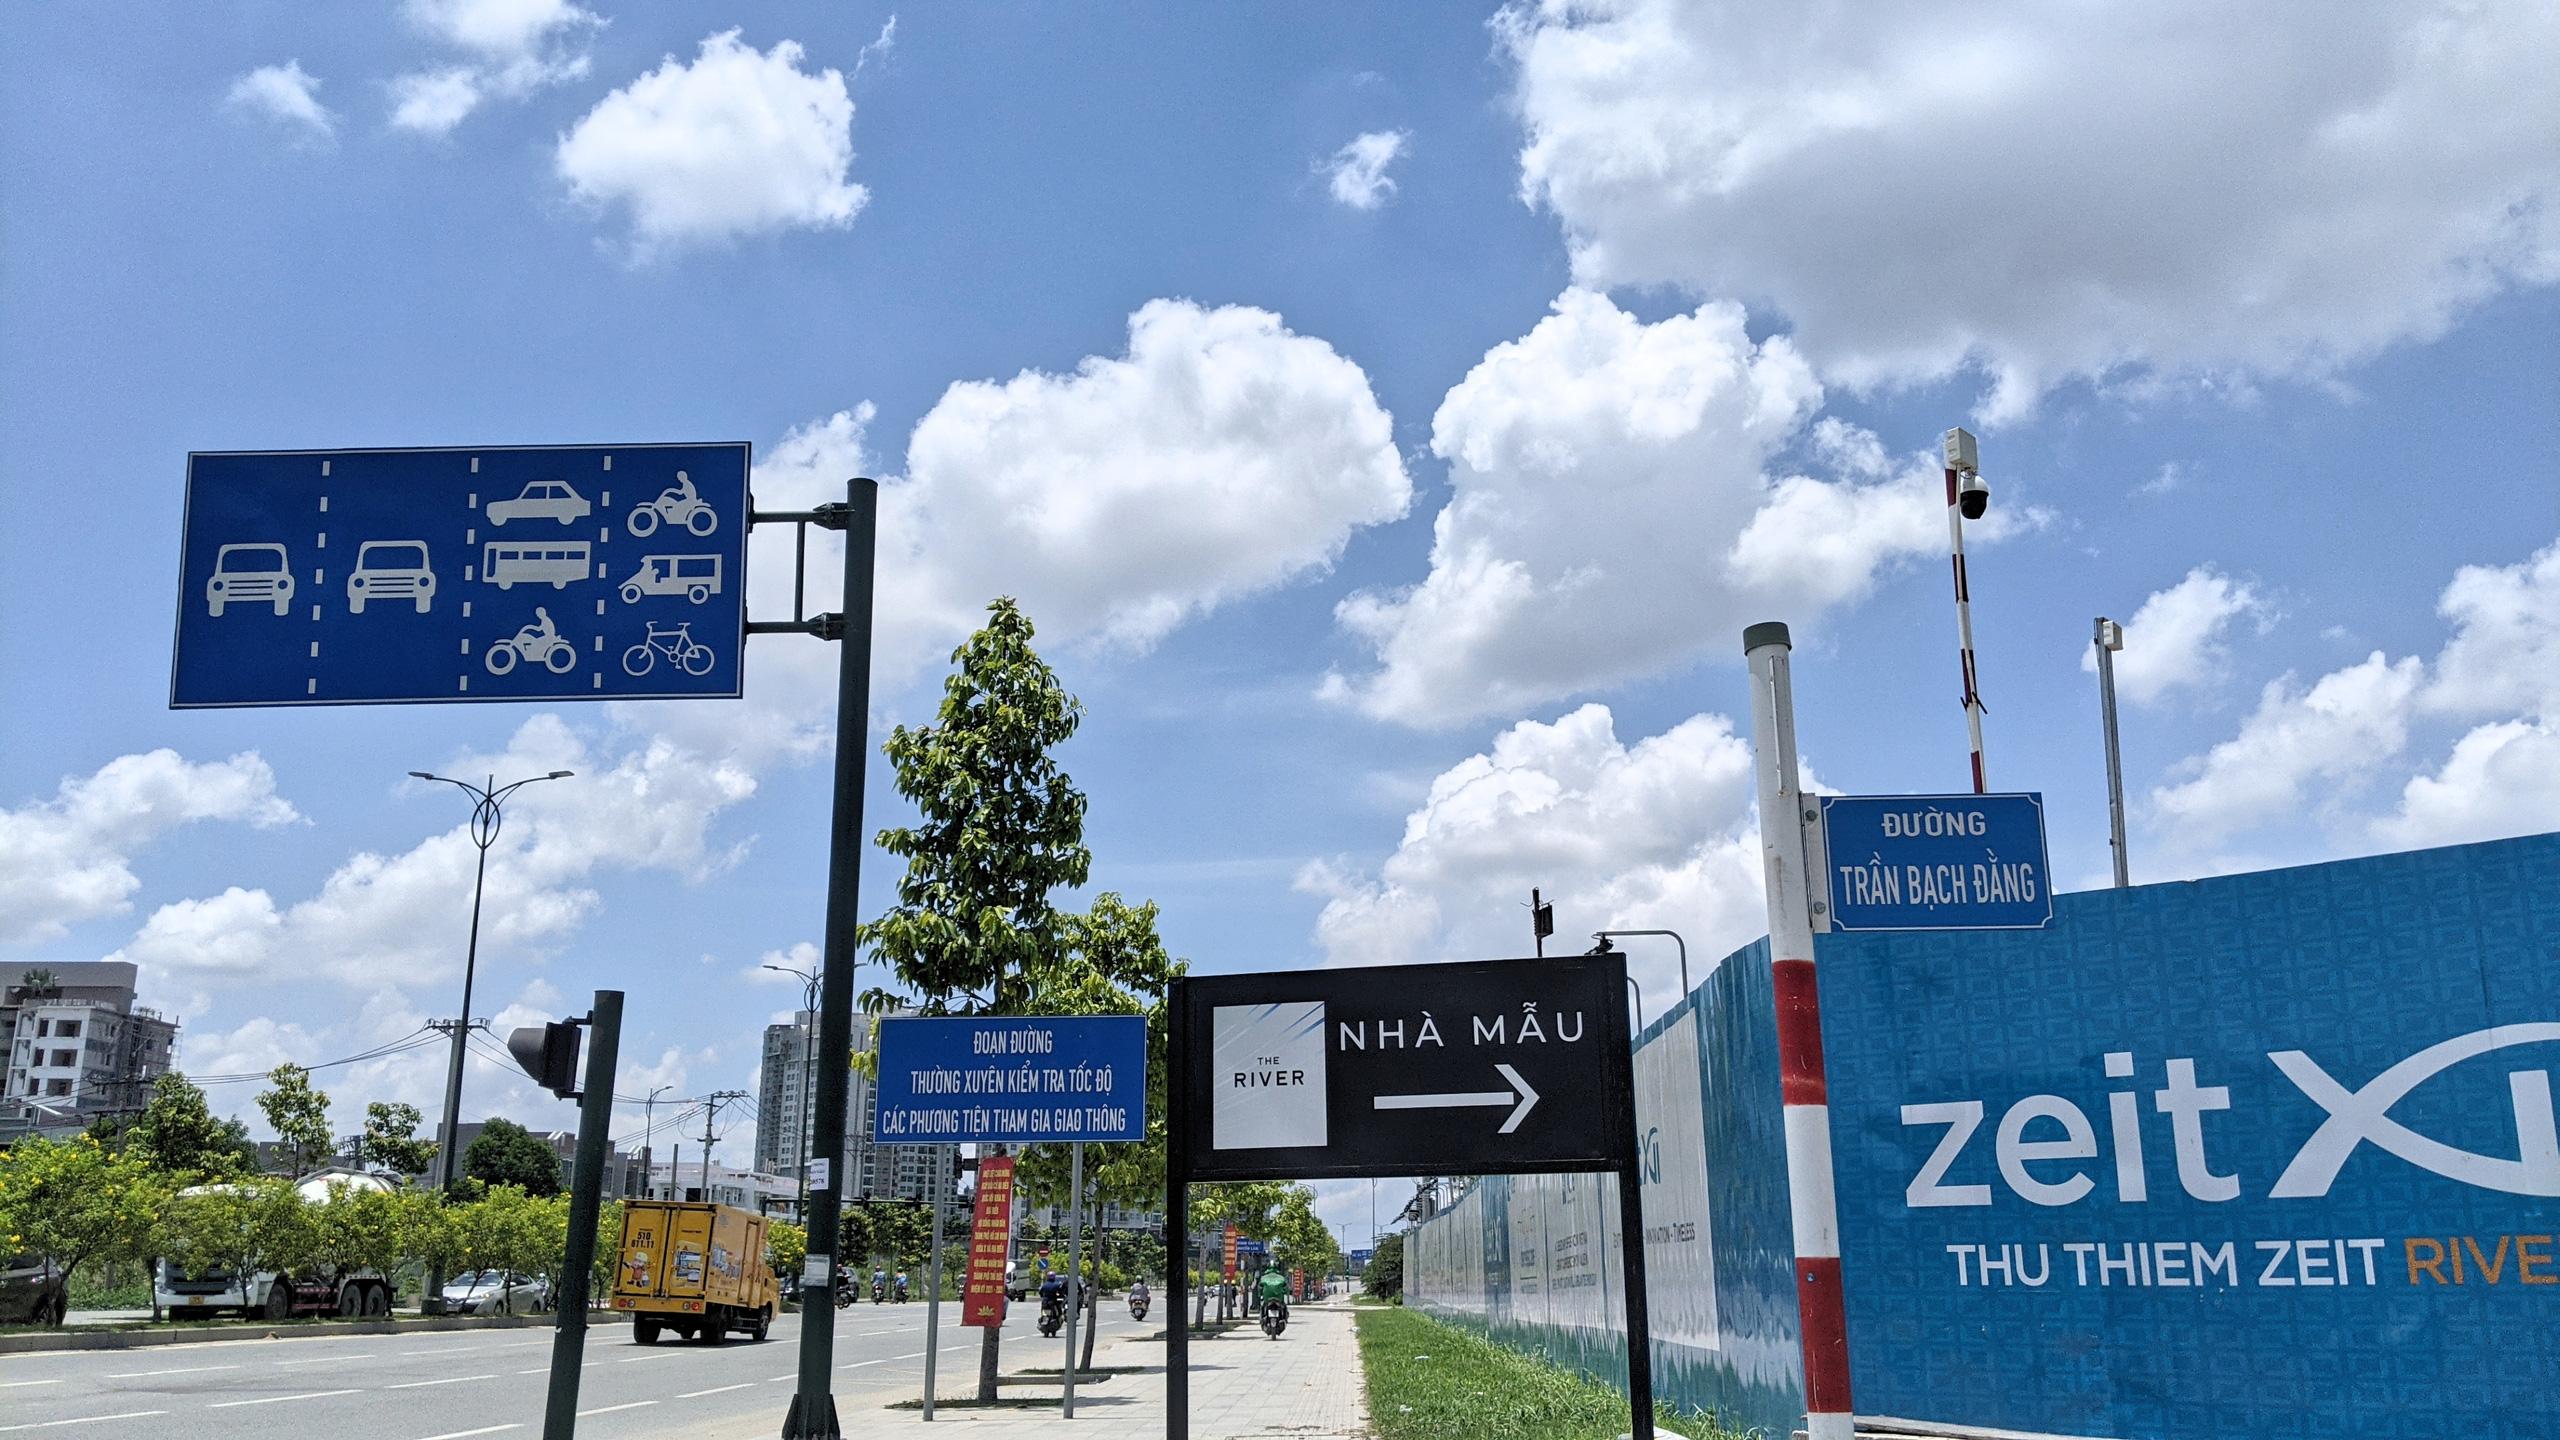 Ngắm những tuyến đường vừa được đặt tên ở TP Thủ Đức - Ảnh 10.